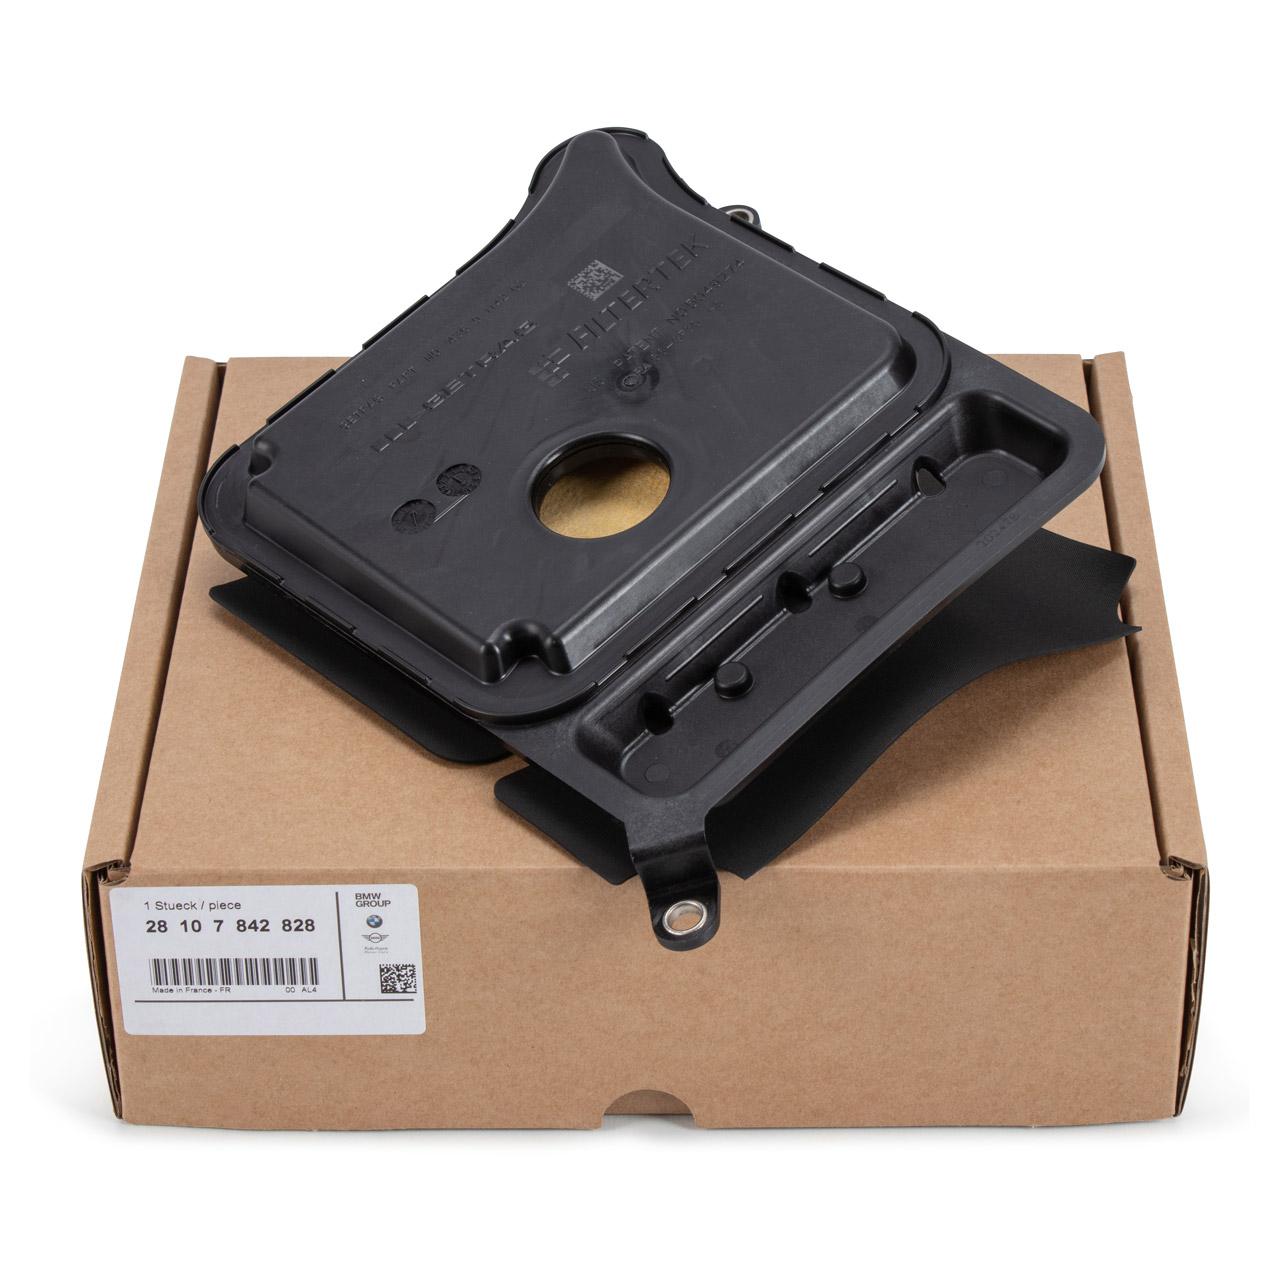 ORIGINAL BMW Hydraulikfilter Automatikgetriebe GS7D36SG 7 Gang E88 E82 E90 E93 28107842828